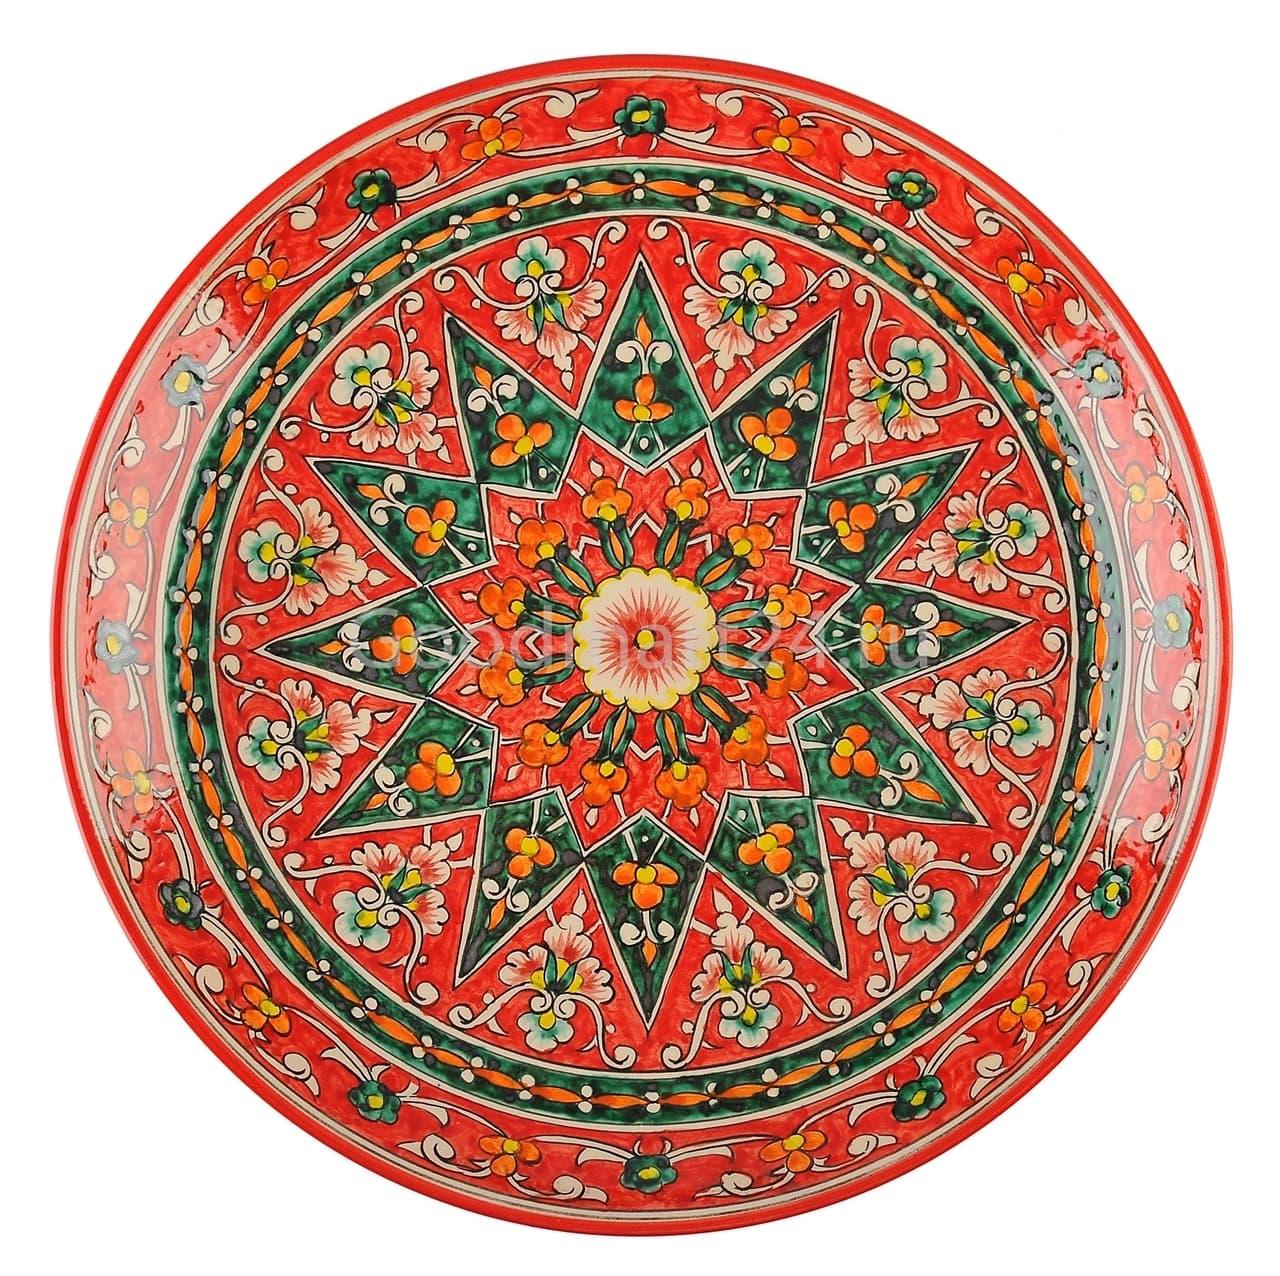 Ляган Риштанская Керамика 38 см. плоский, Qora galam - фото 7387